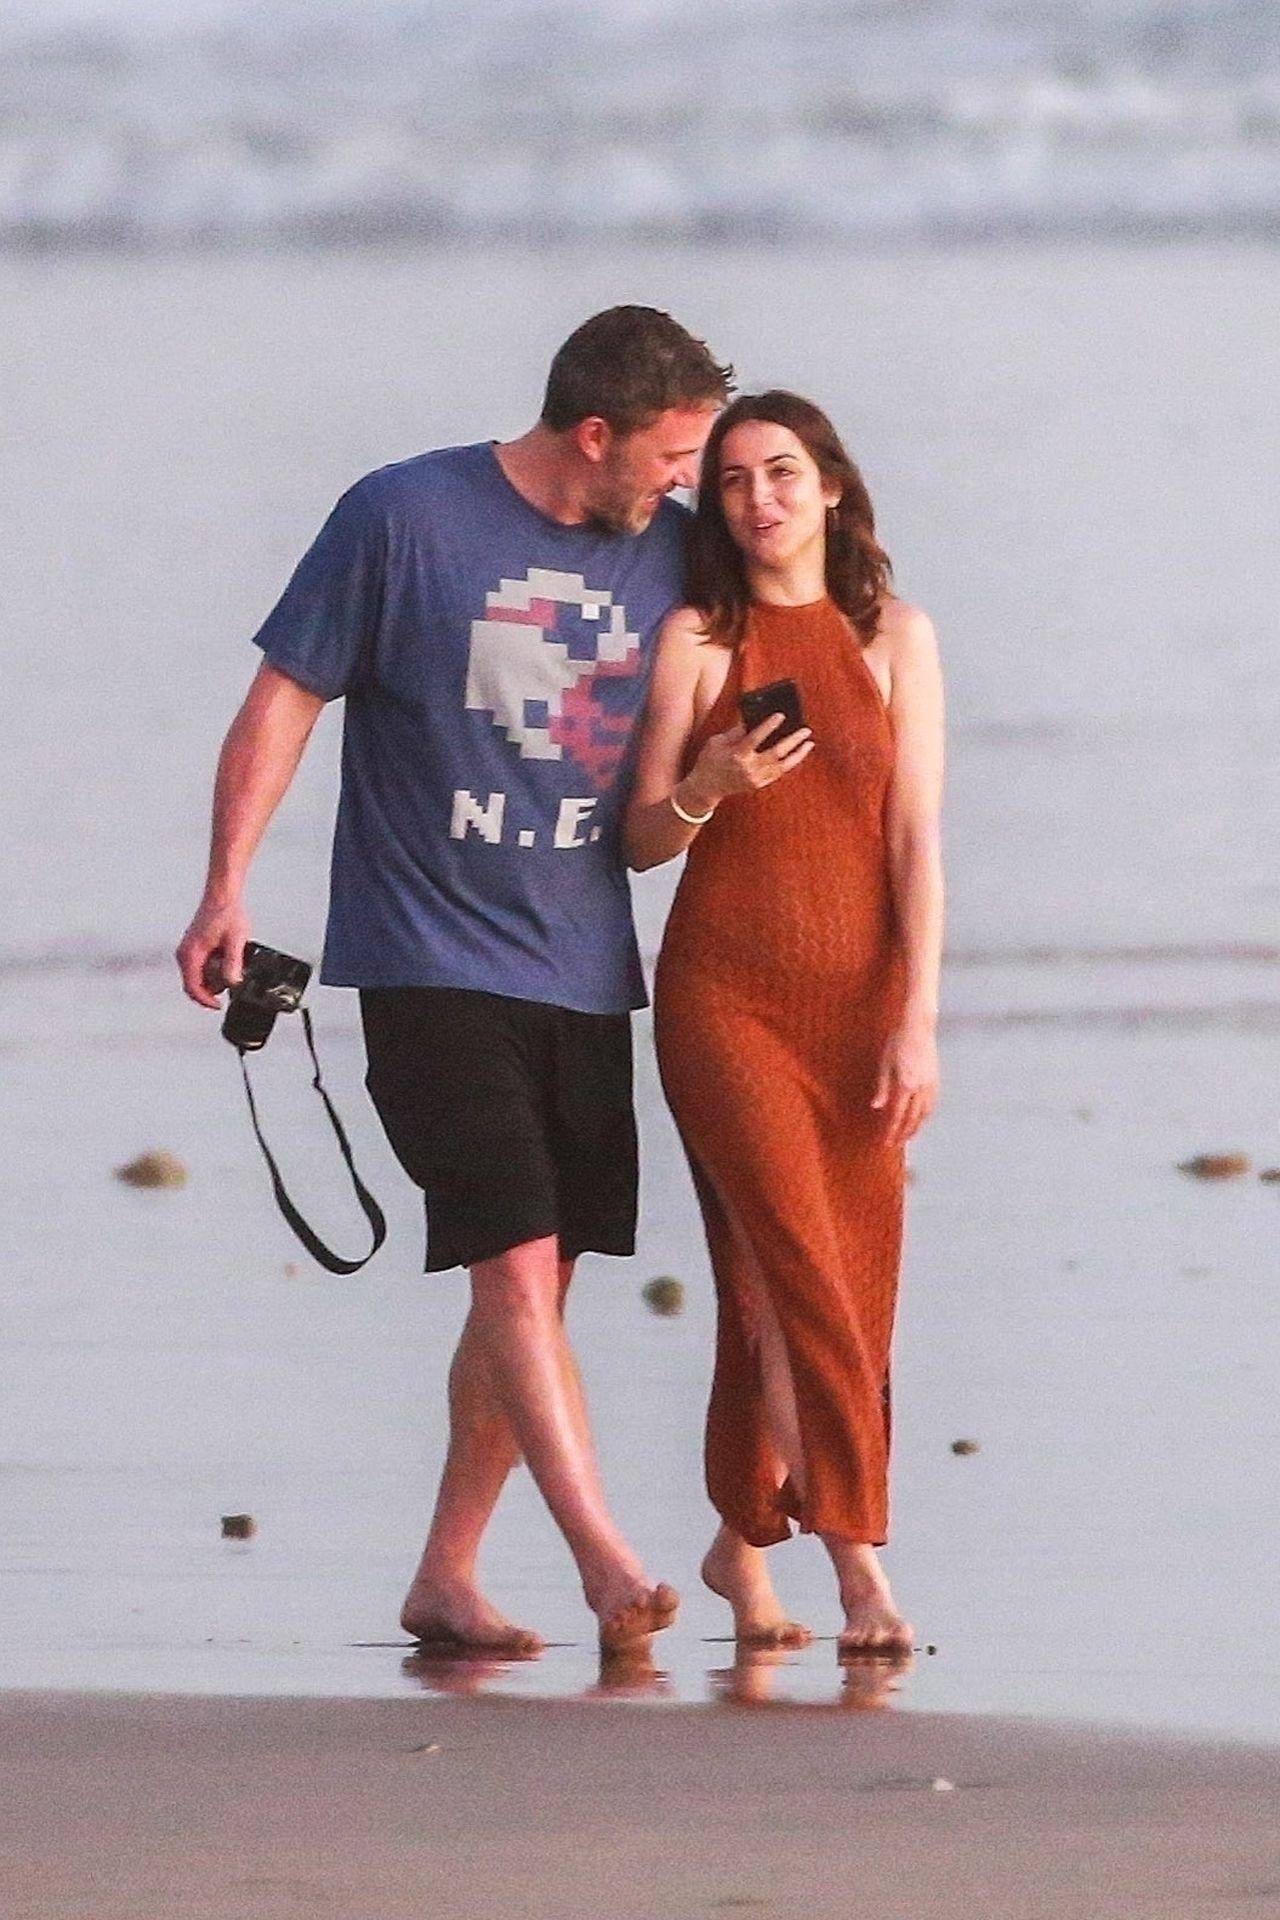 Ben Affleck & Ana De Armas Enjoy A Pda Moment During Romantic Beach Stroll In Costa Rica 0002